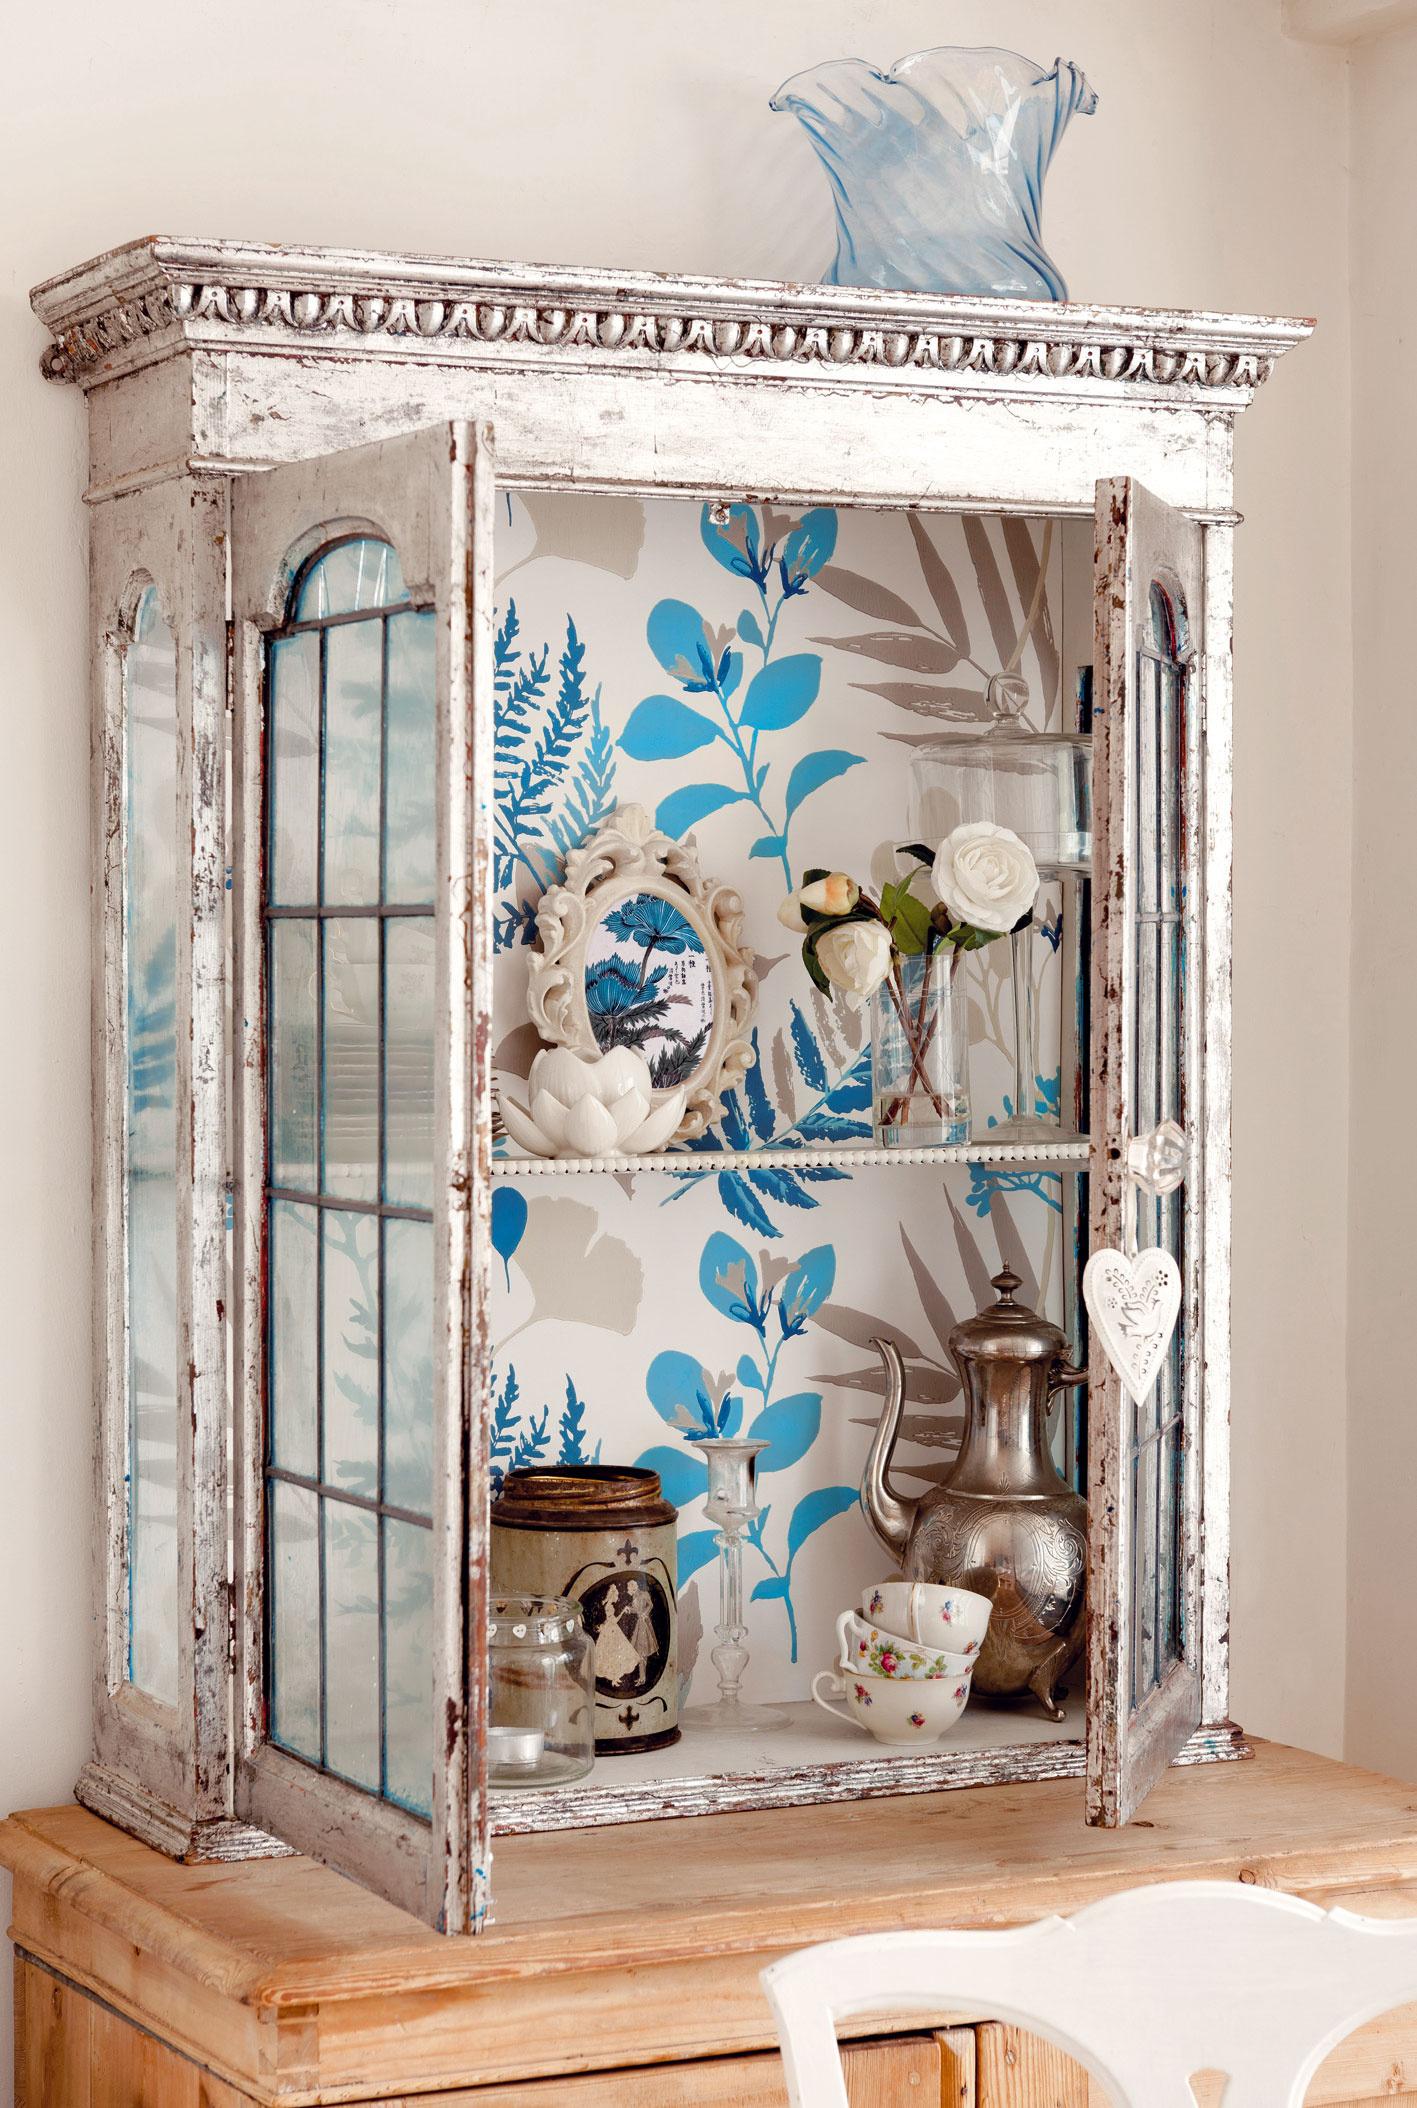 2 ROZKVITNUTÁ VITRÍNA  Otapetujte zadnú stenu starej vitríny. Samozrejme, musí mať sklené dvierka. Vtomto prípade jemné modré vzorynevtieravo kontrastujú svystaveným riadom. Tapetu alebo pevnejší baliaci papier so vzorom vyberajte tak, aby neprebíjali farby nádob, ale slúžili im len ako pozadie.